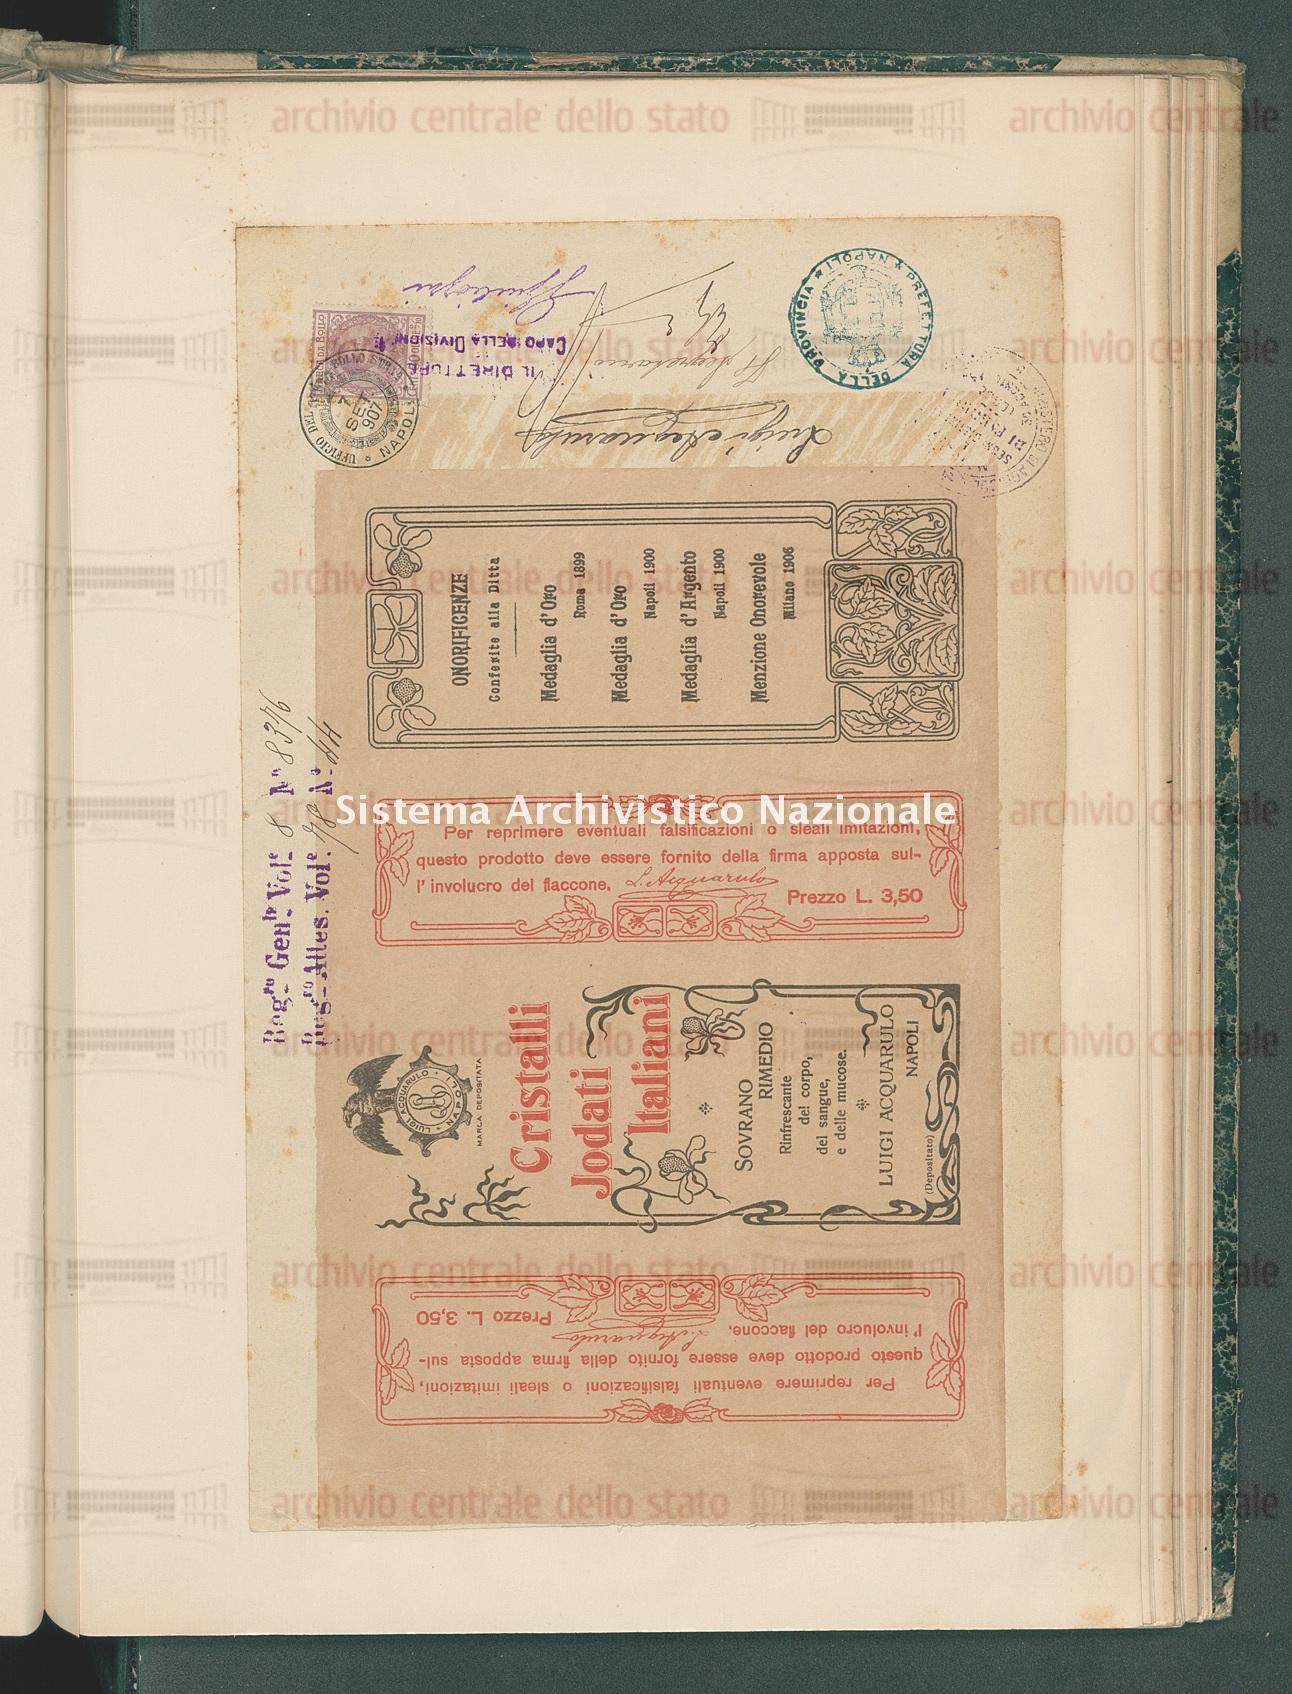 Acquarulo Luigi (12/11/1907)